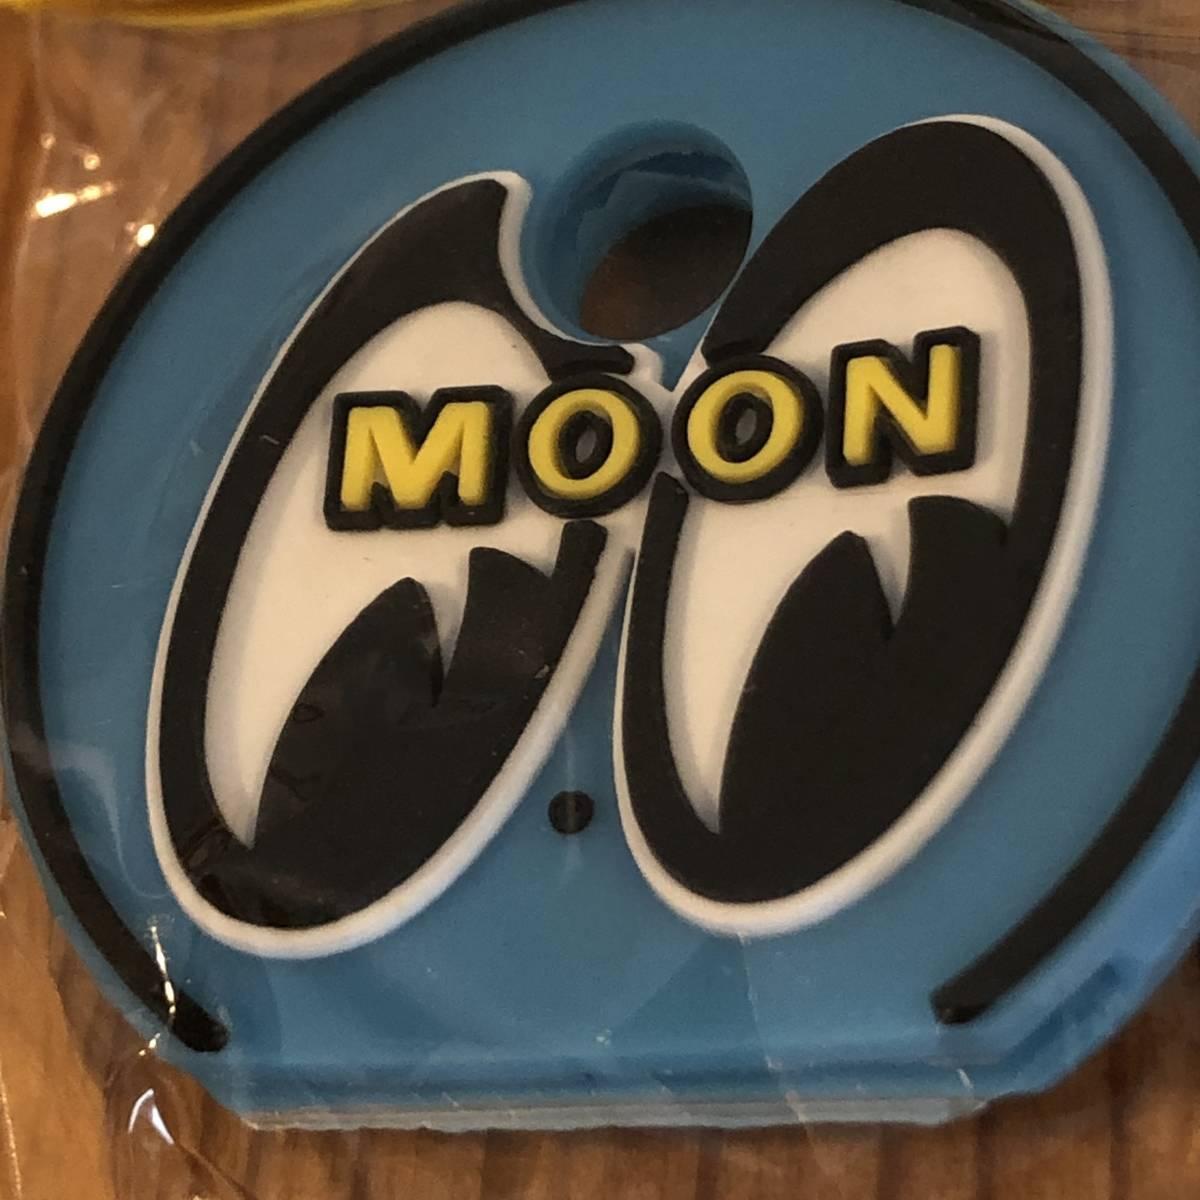 mooneyes ムーンアイズ アイボール キーキャップ ライトブルー ぺったんこ 絵柄は立体 キーホルダー moon eyes eyeball 色違いでぜひどうぞ_画像2